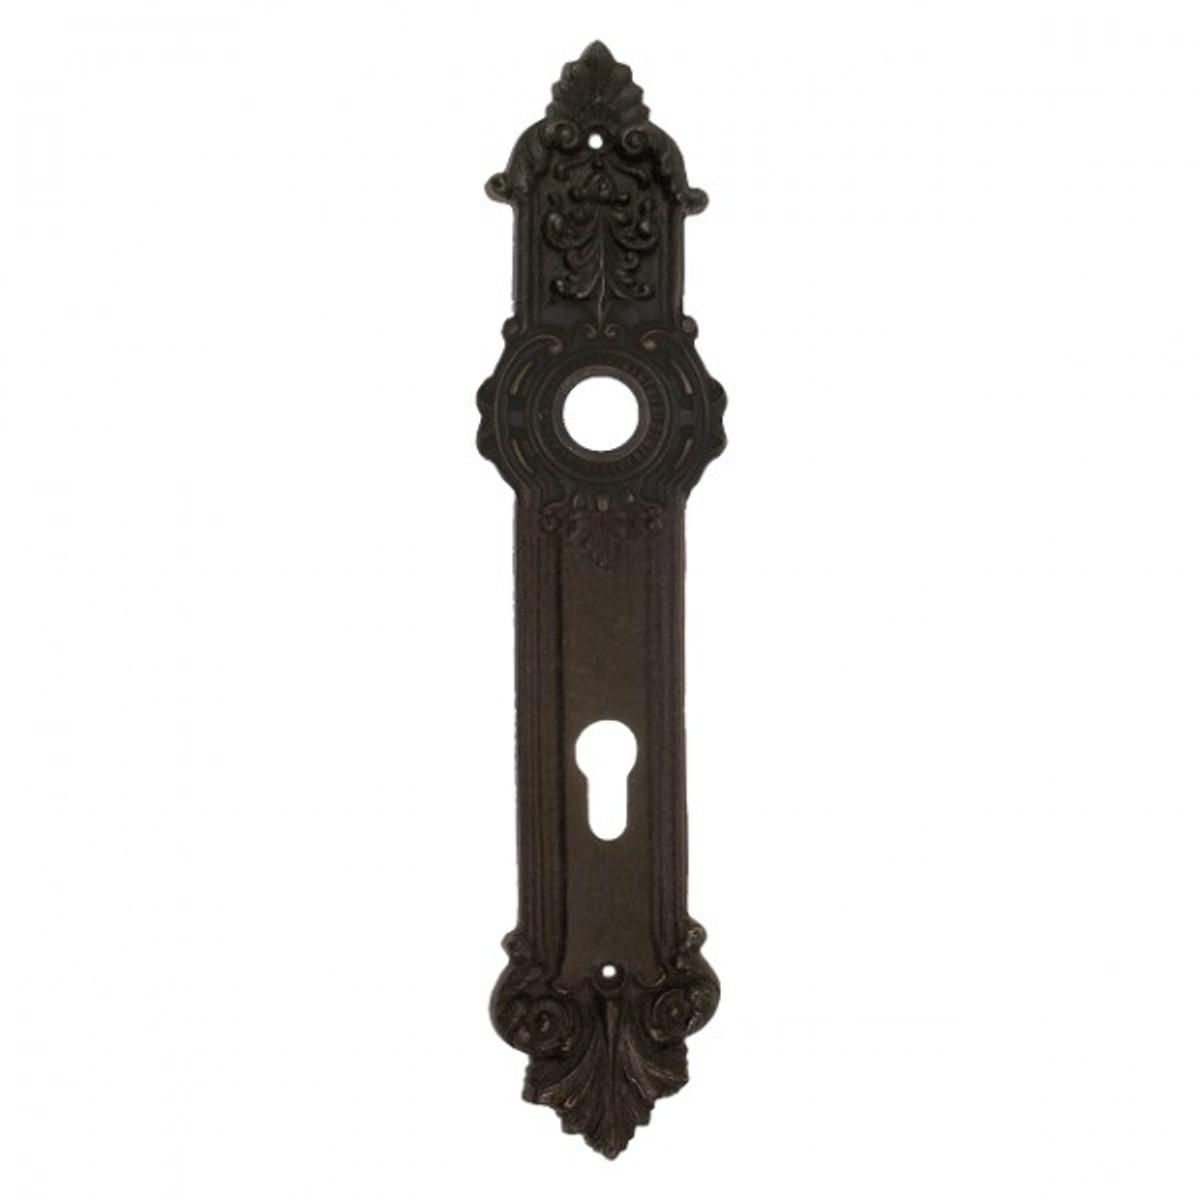 Tür Schild Langschild Profilzylinder Rosette mit 92er Schlüsselloch Bohrung aus Eisen. Antik gestaltete Tür Schilder.